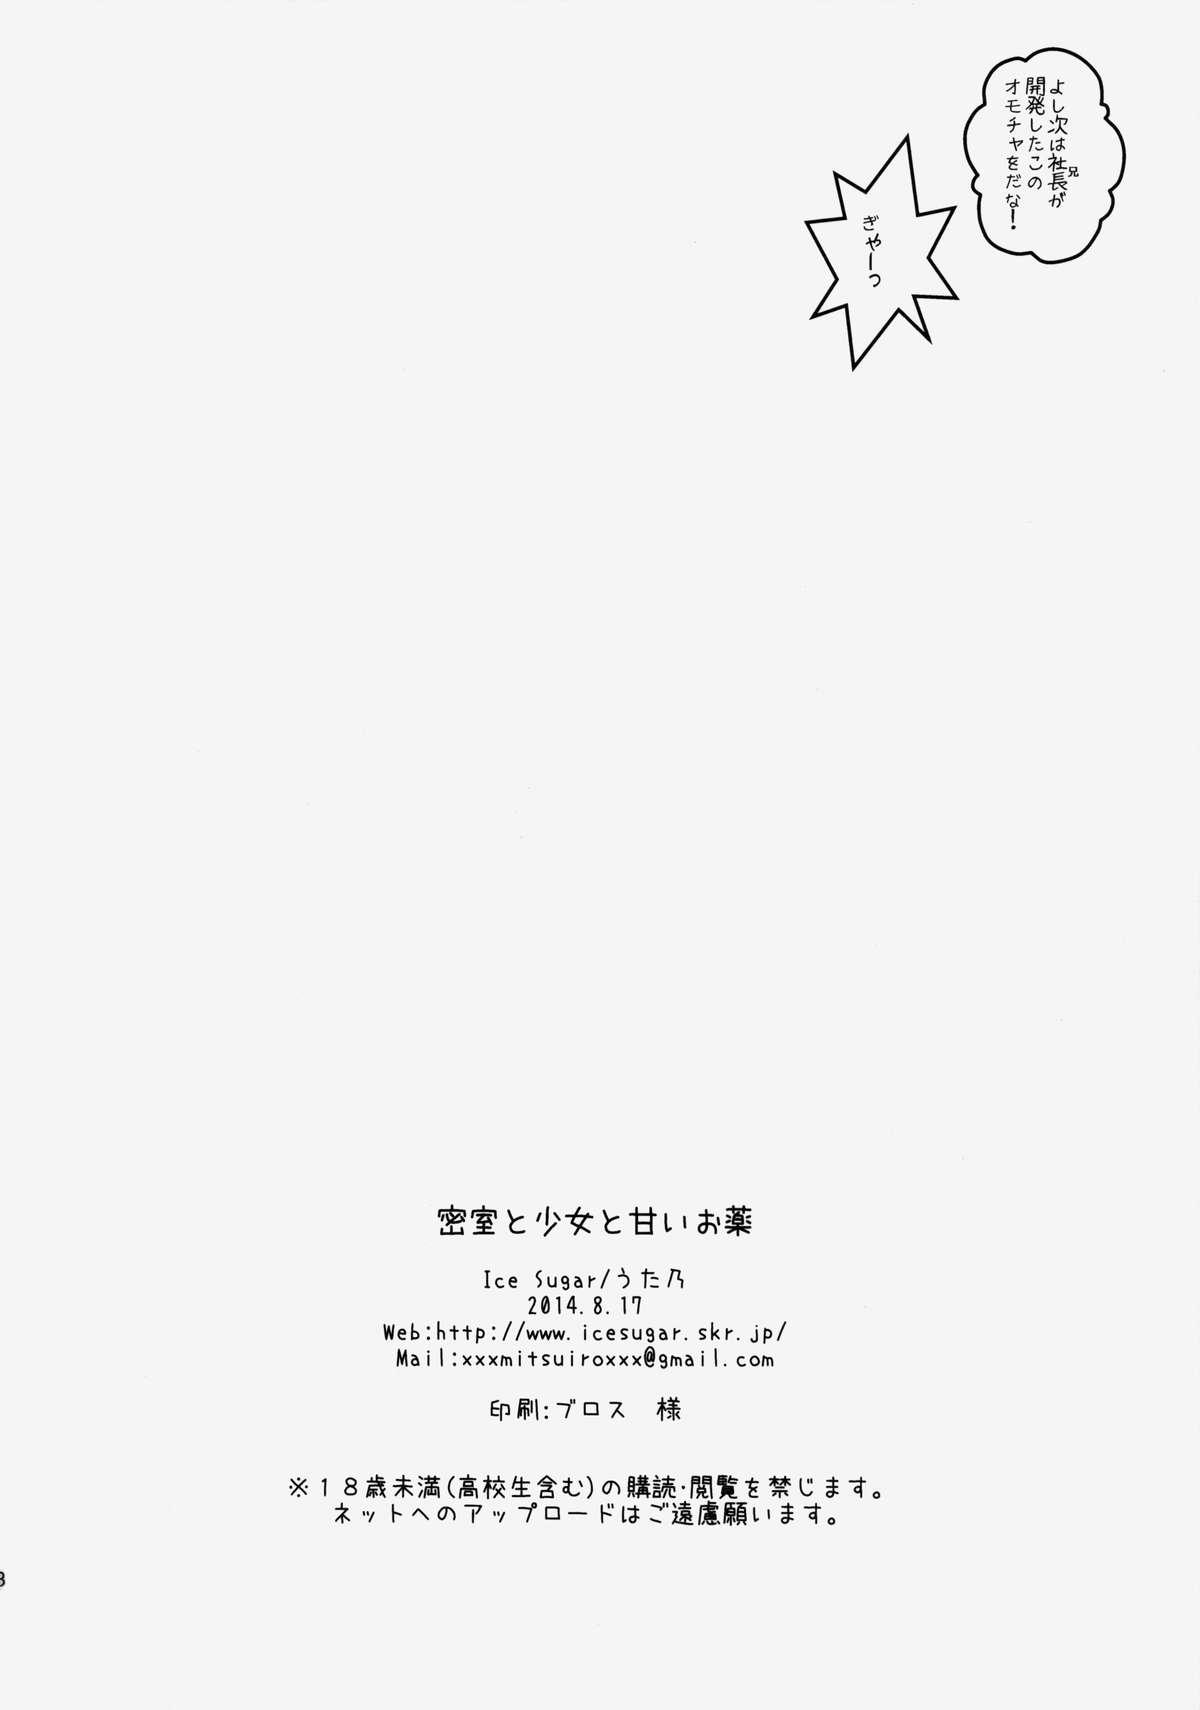 Misshitsu To Syoujyo To Amai Okusuri 16